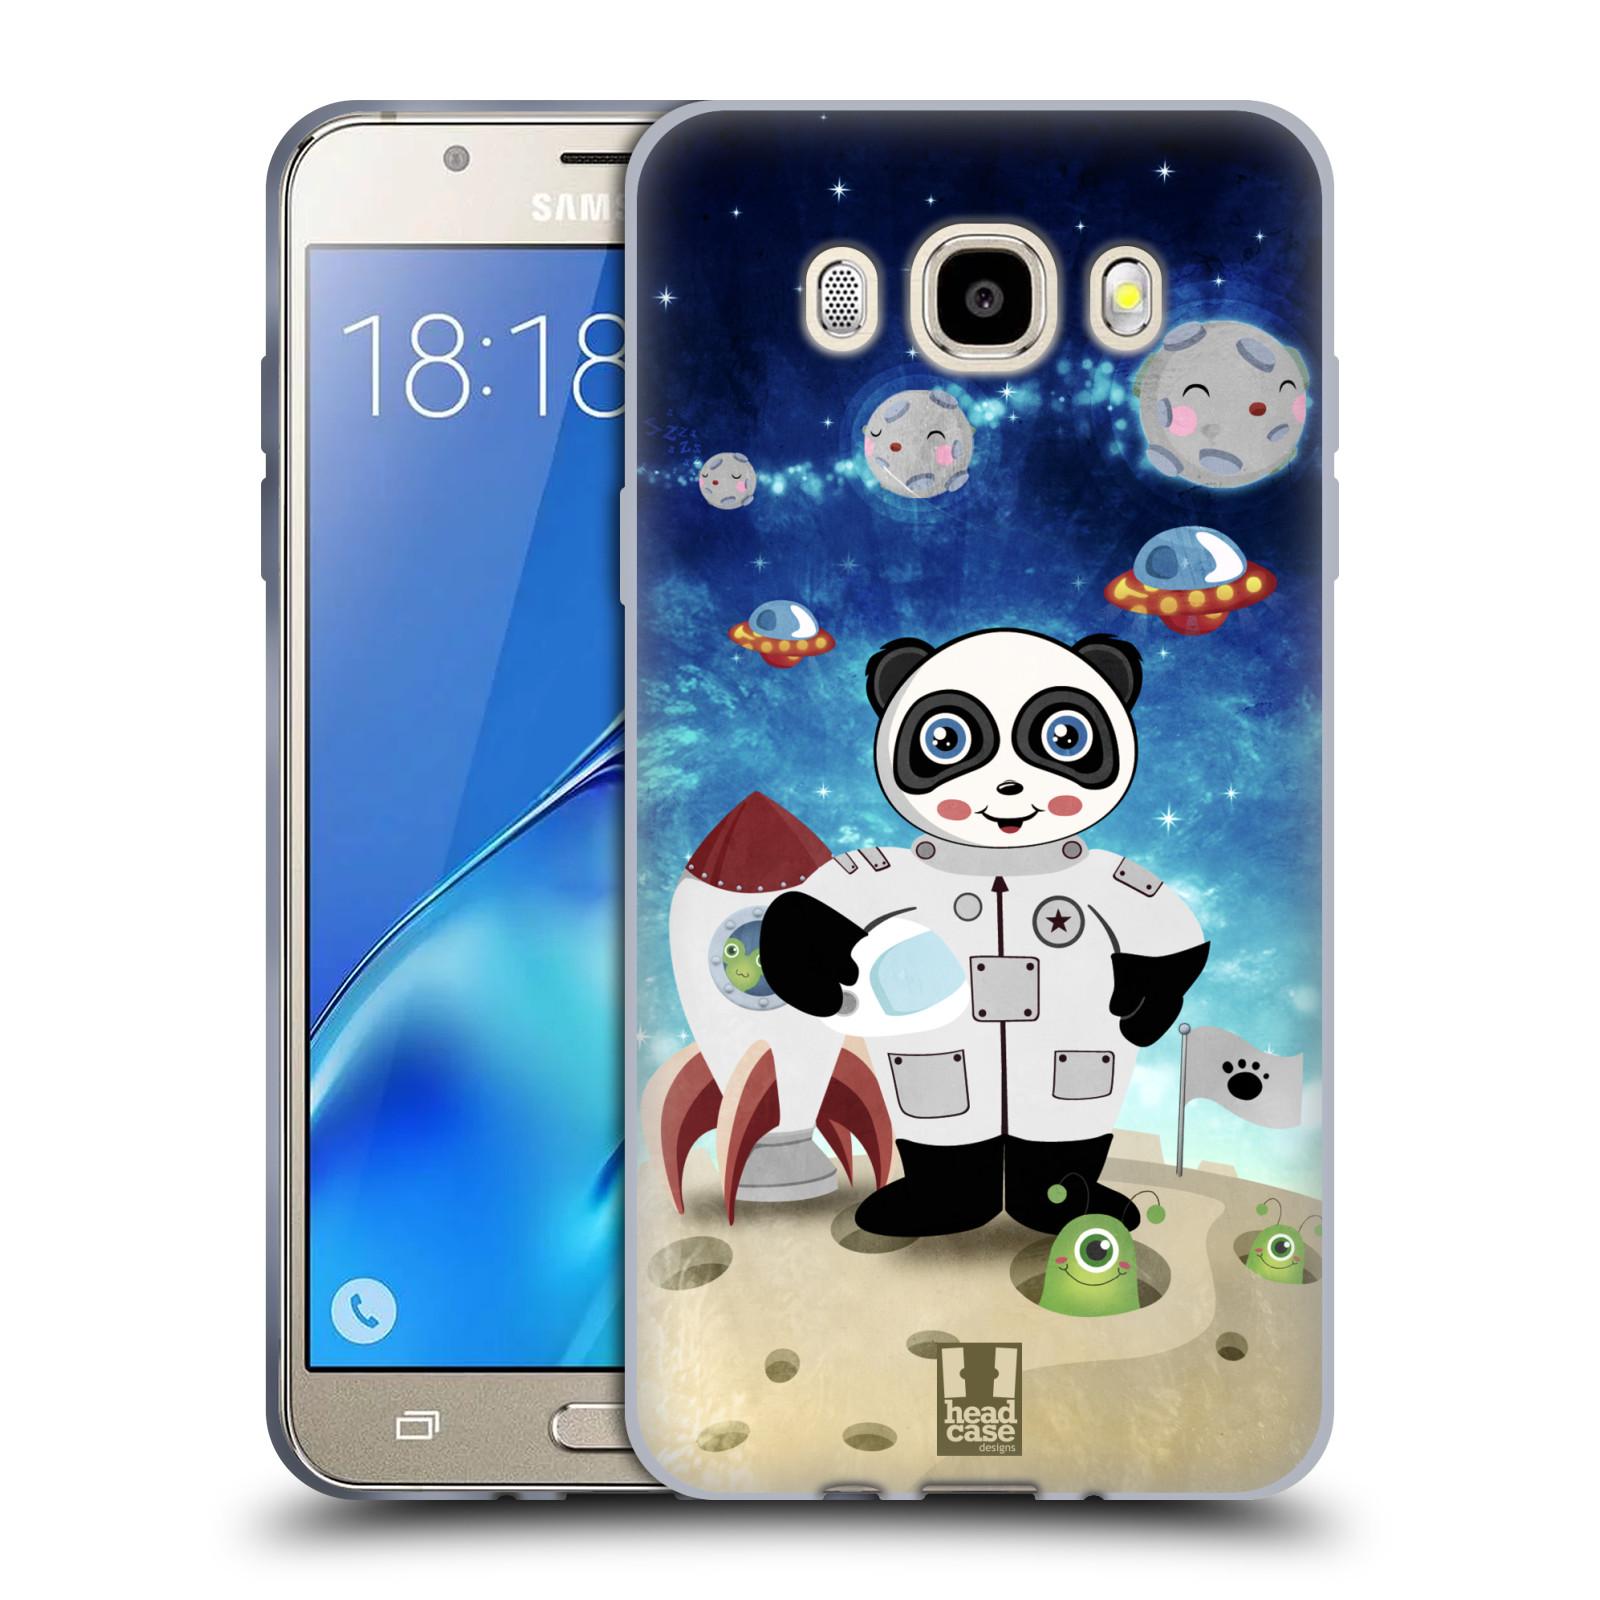 HEAD CASE silikonový obal, kryt na mobil Samsung Galaxy J5 2016, J510, J510F, (J510F DUAL SIM) vzor Zvířecí astronauti vetřelec